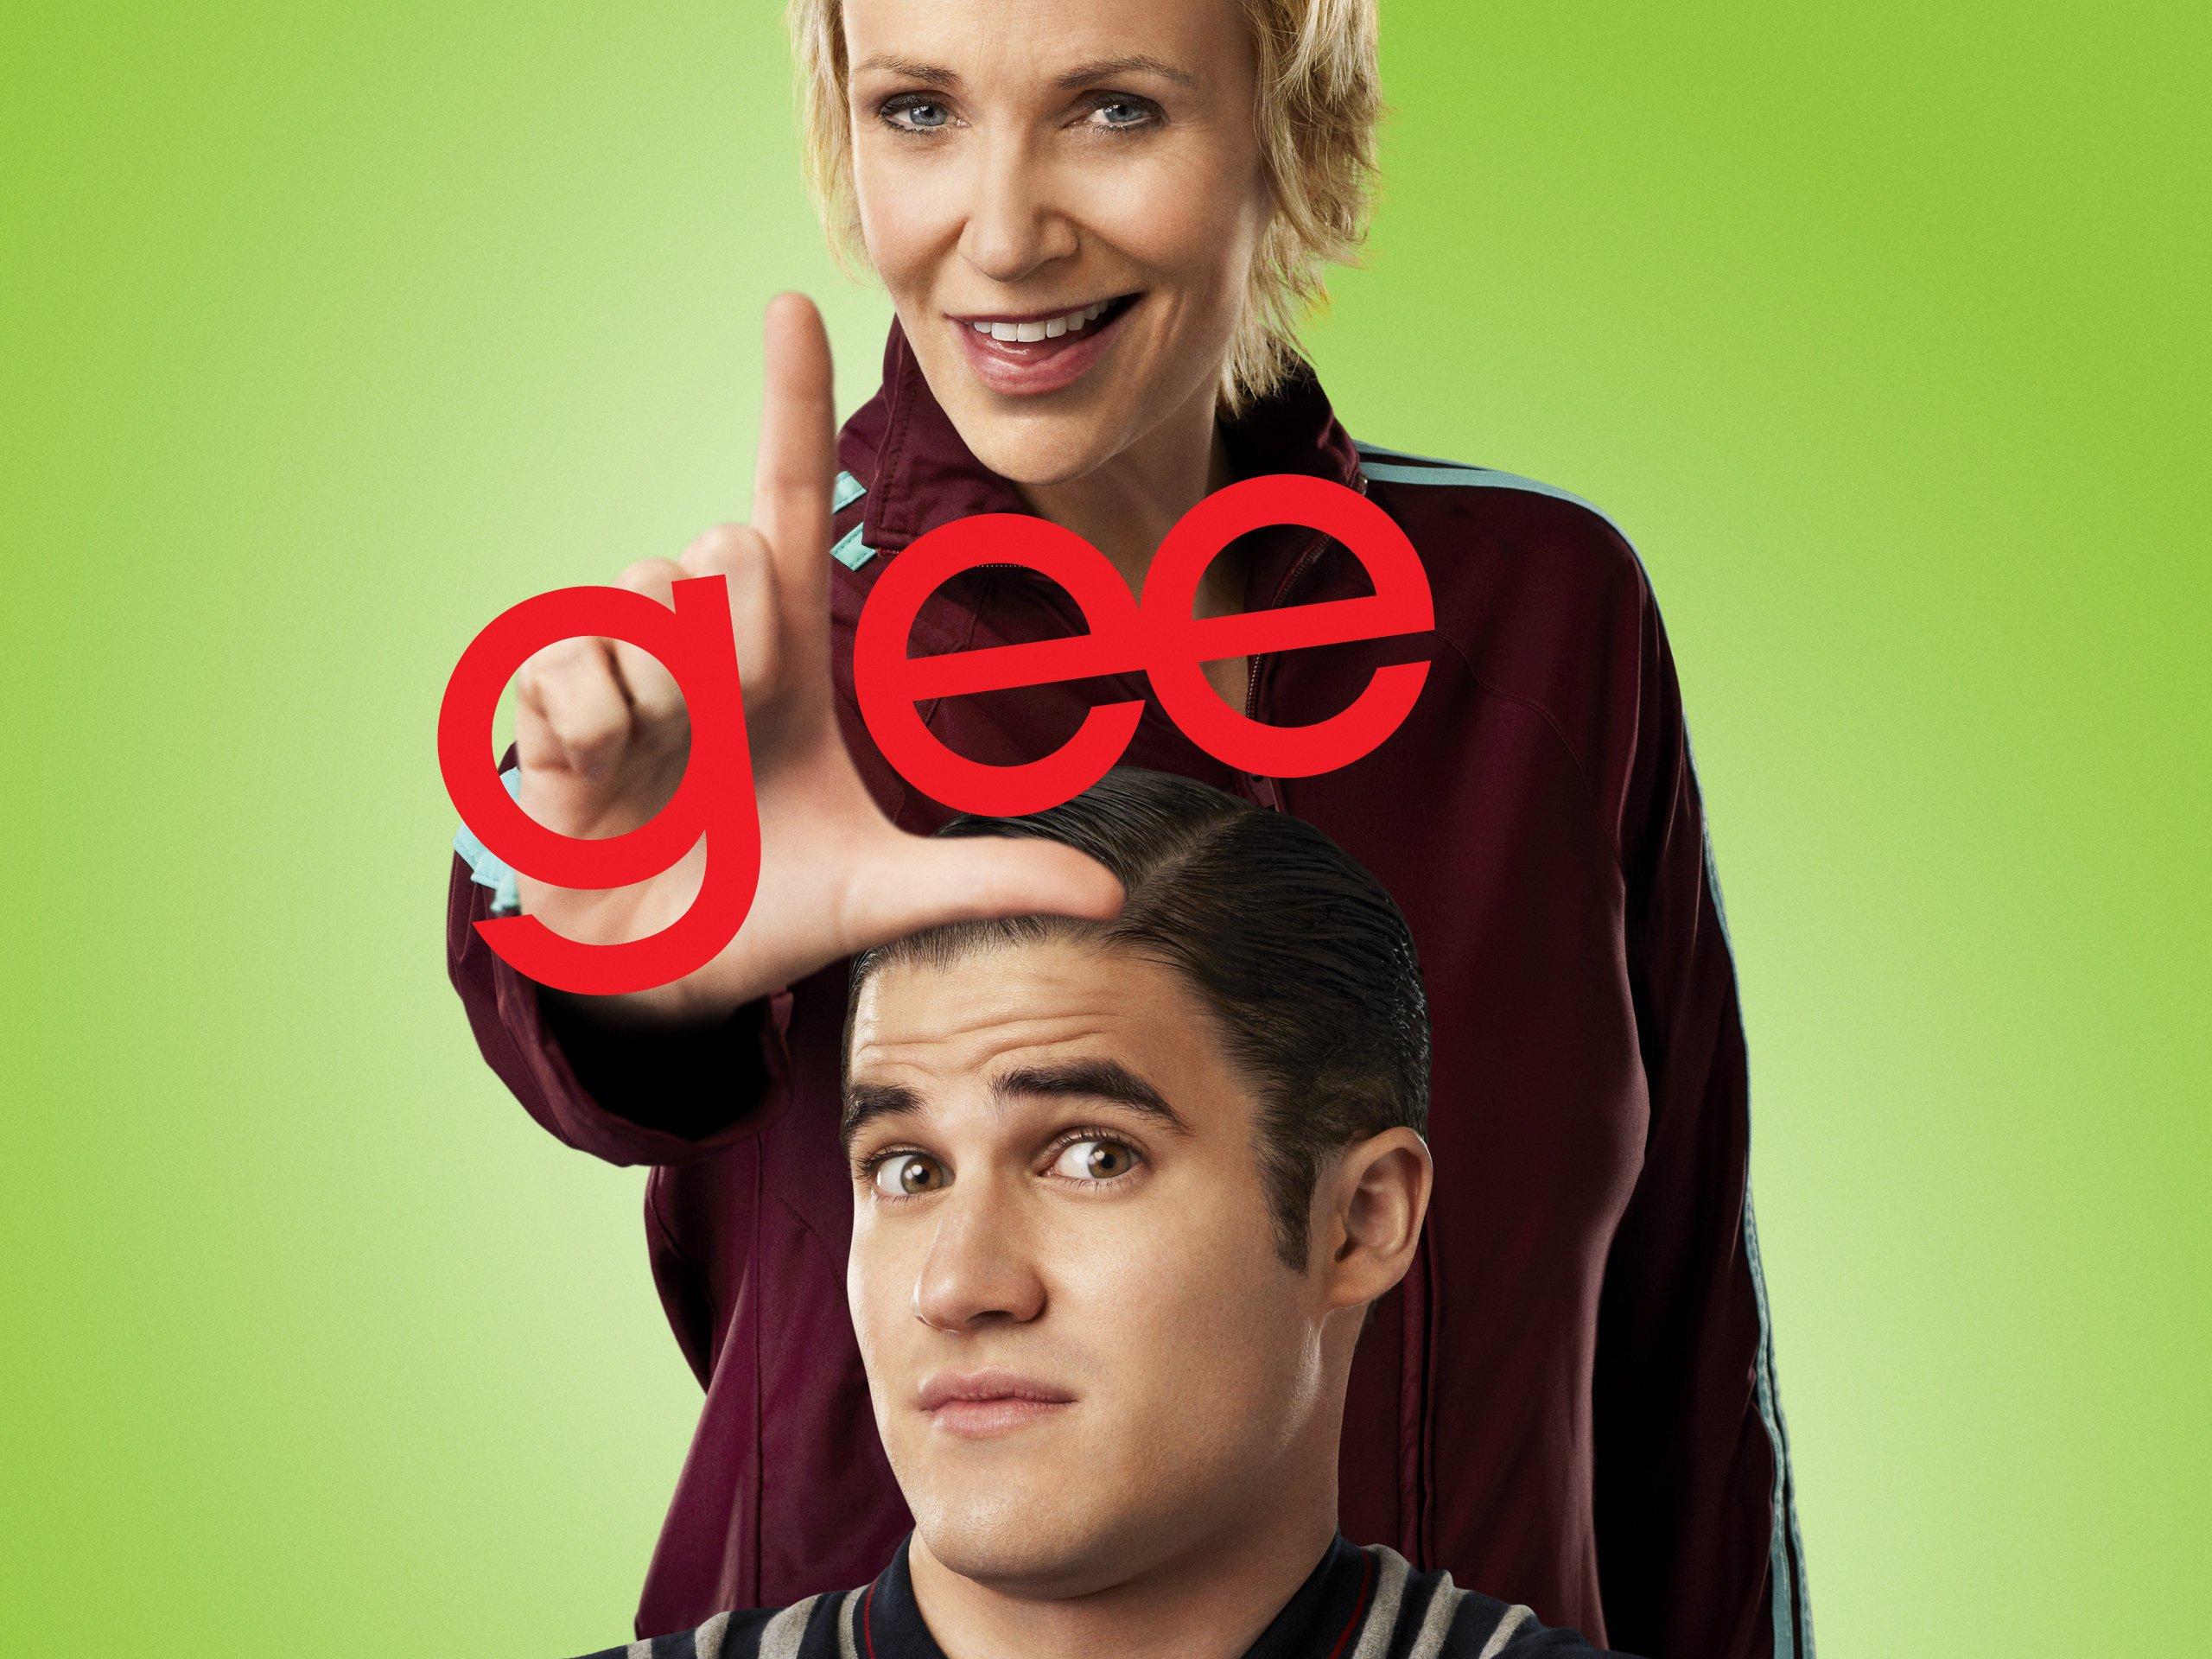 Wer ist tina von Glee aus im echten Leben Alternative Geschwindigkeit, die Ostlondon datiert